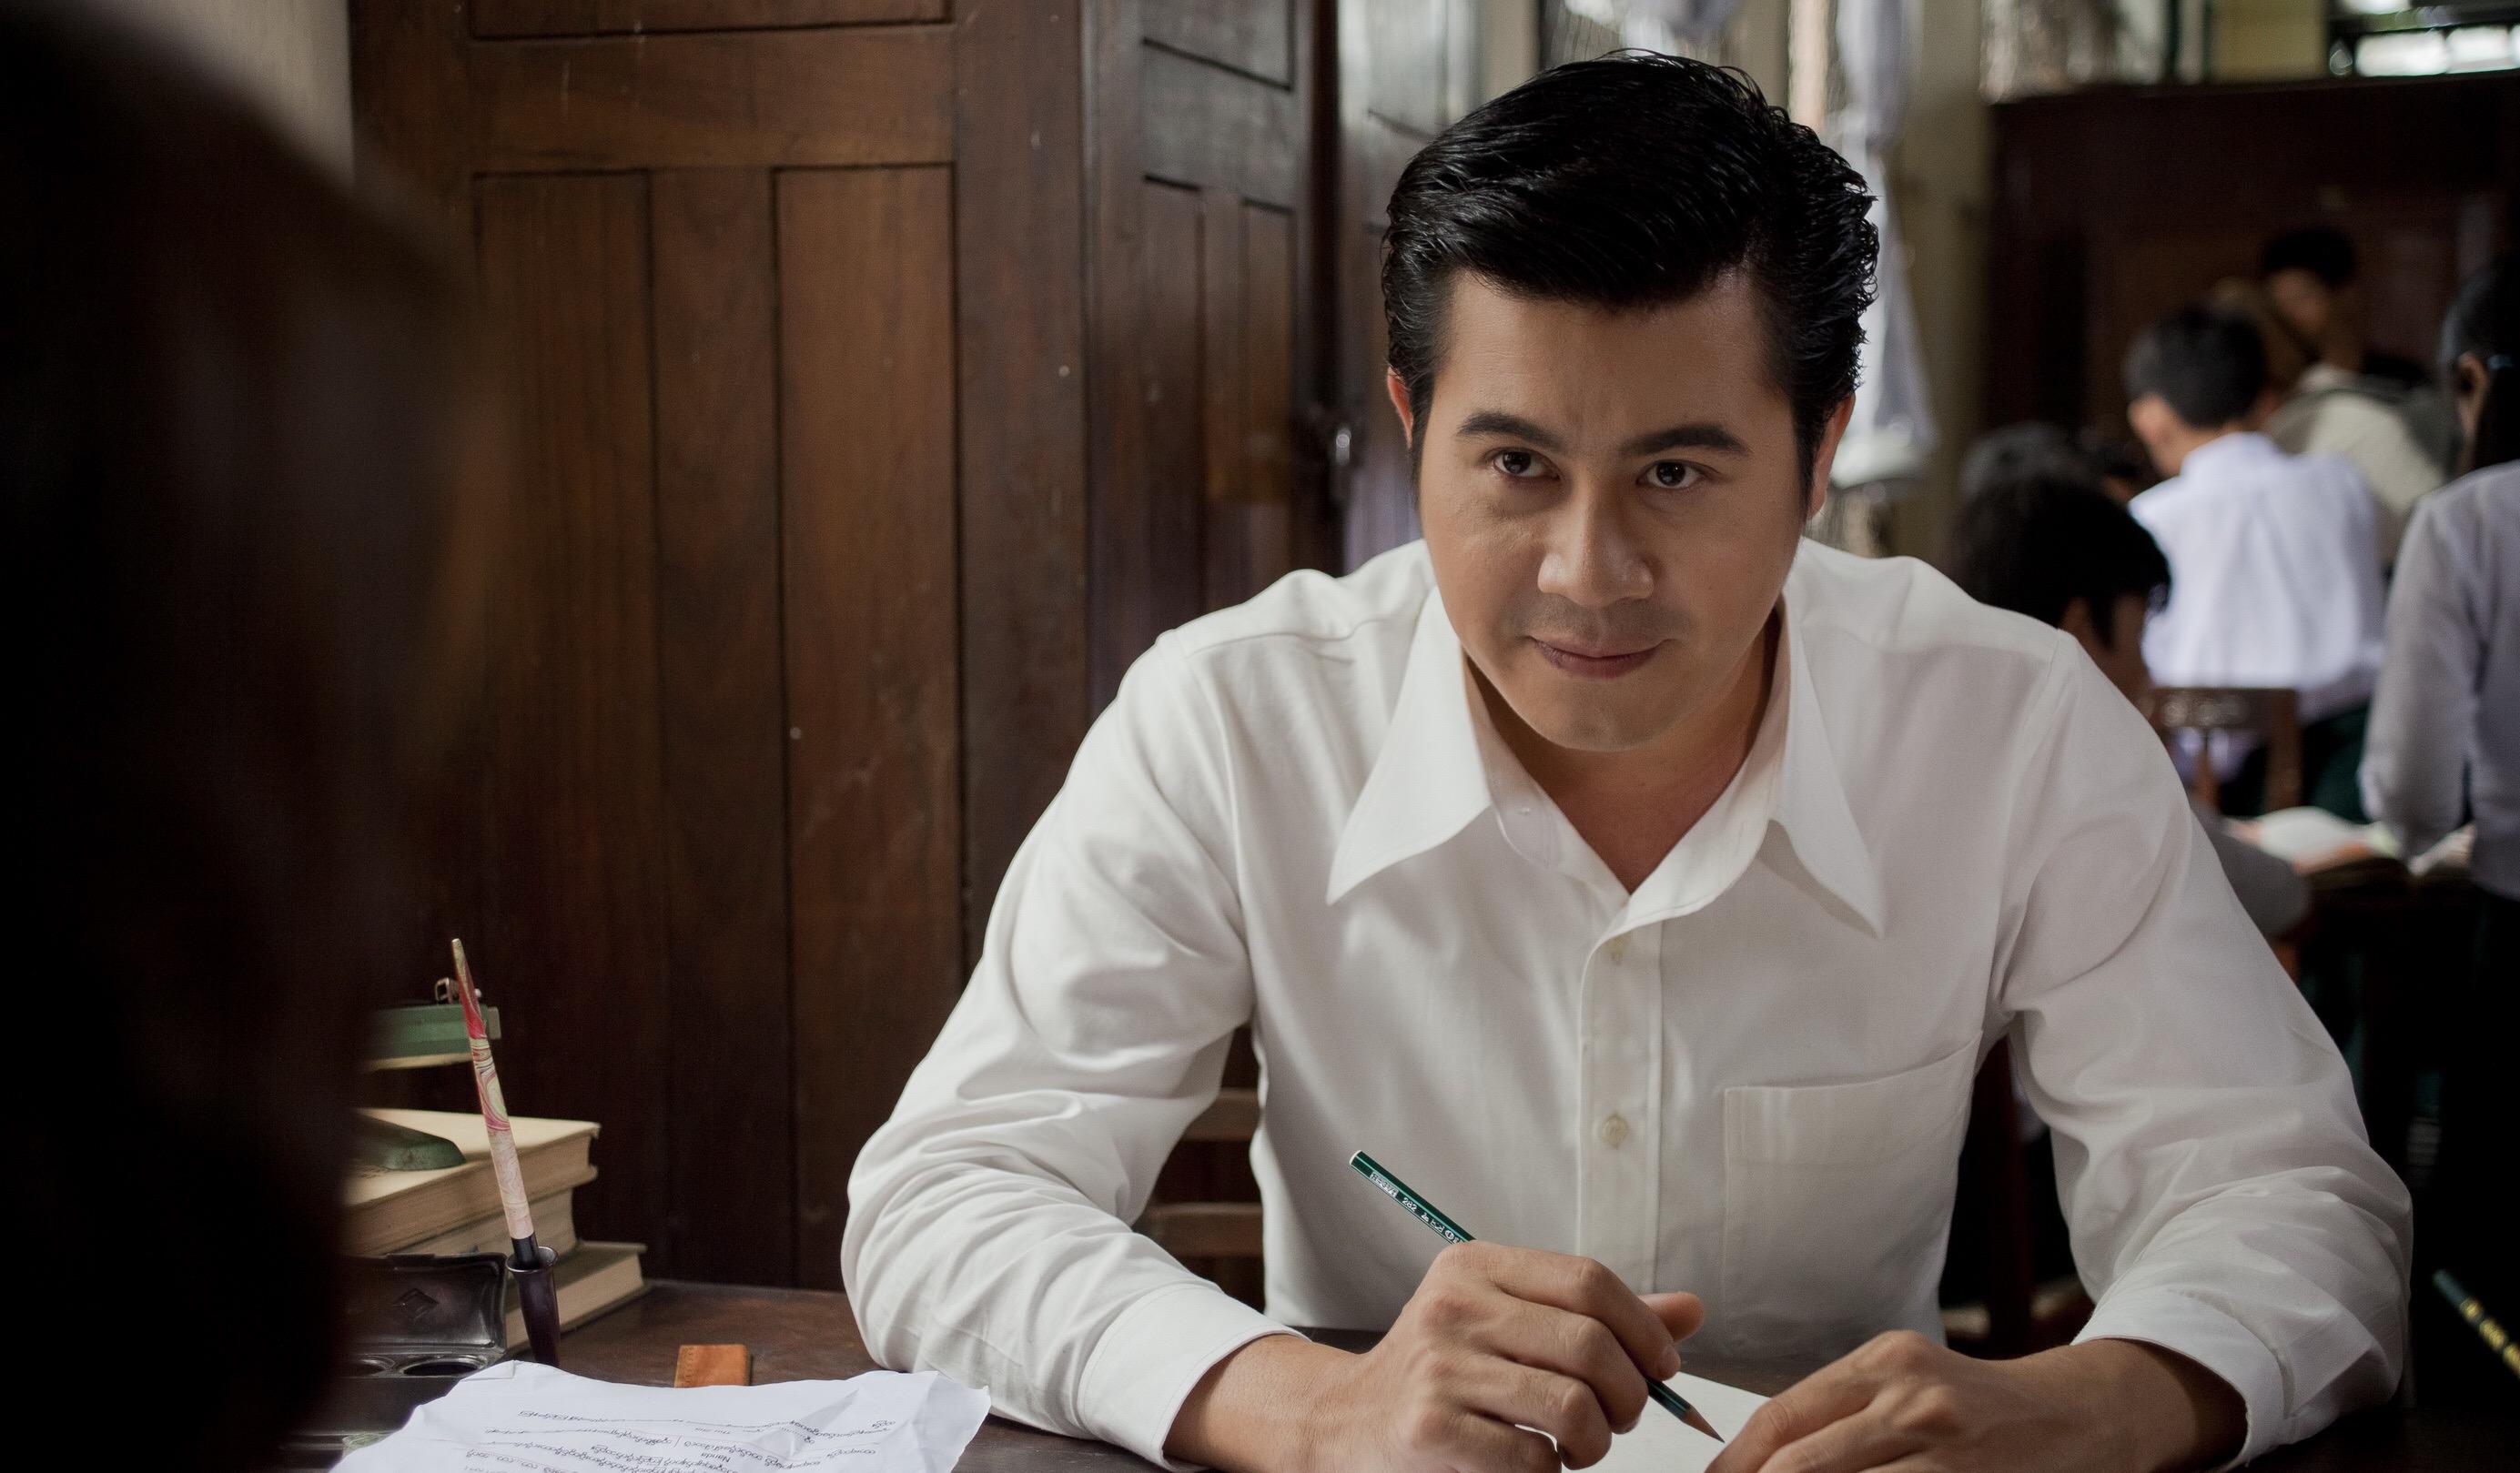 """""""เน โท"""" ปิ๊งรักแรกพบสาว """"วุด มน ชเว ยี""""สร้างตำนานรักสองดิ นแดนในภาพยนตร์ """"ถึงคน..ไม่คิ ดถึง From Bangkok To Mandalay"""""""